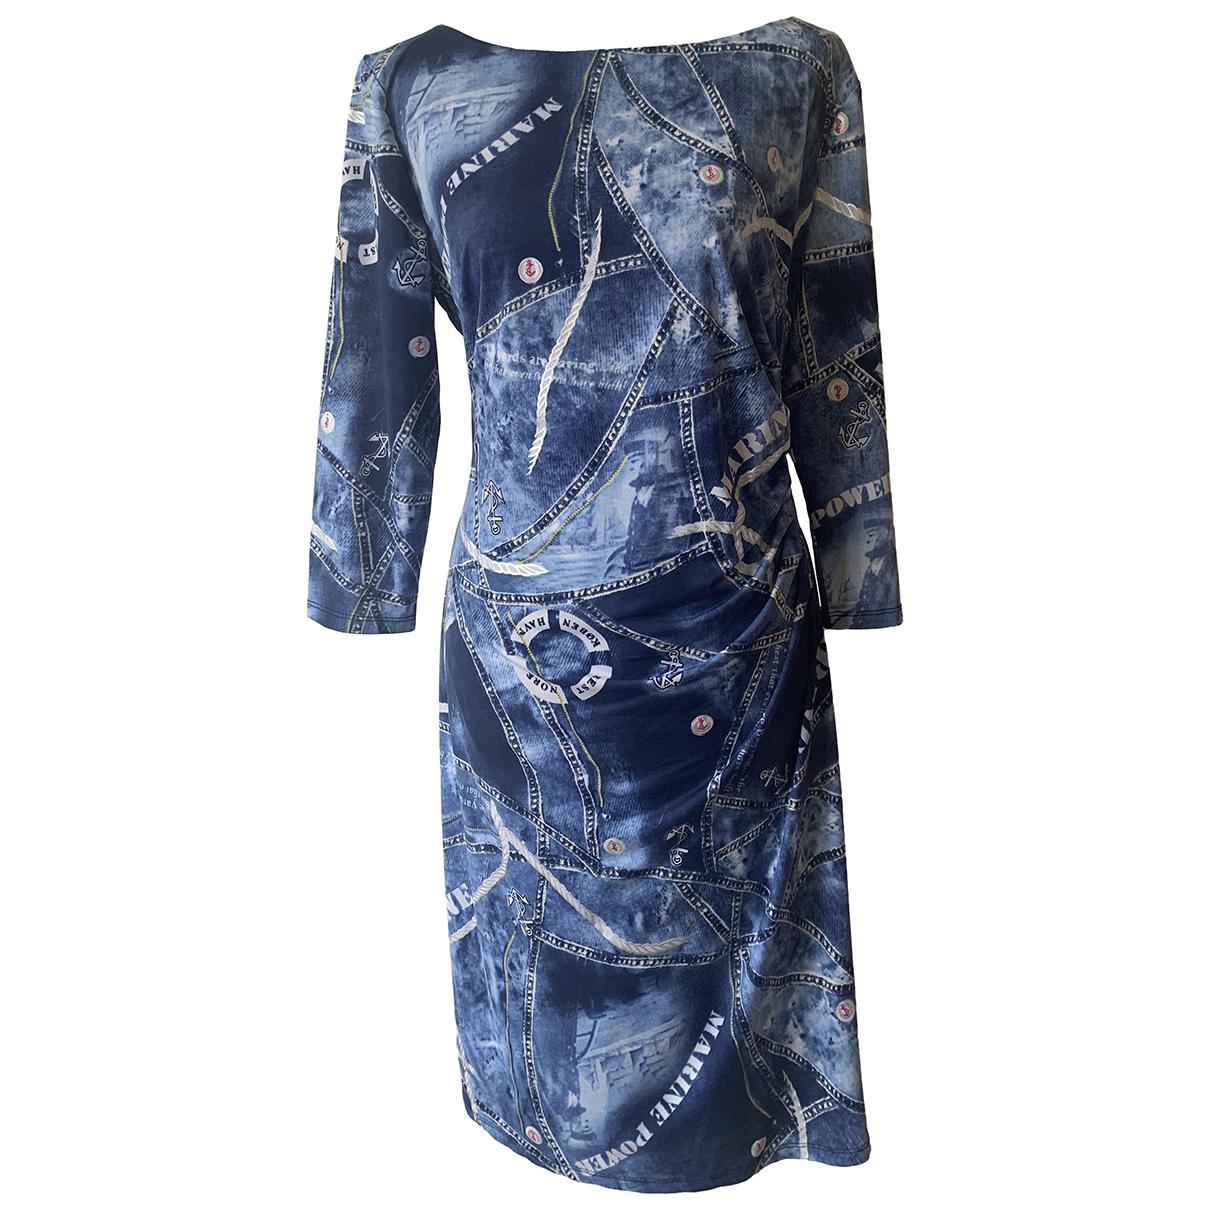 Lauren Ralph Lauren N Multicolour dress for Women 12 US